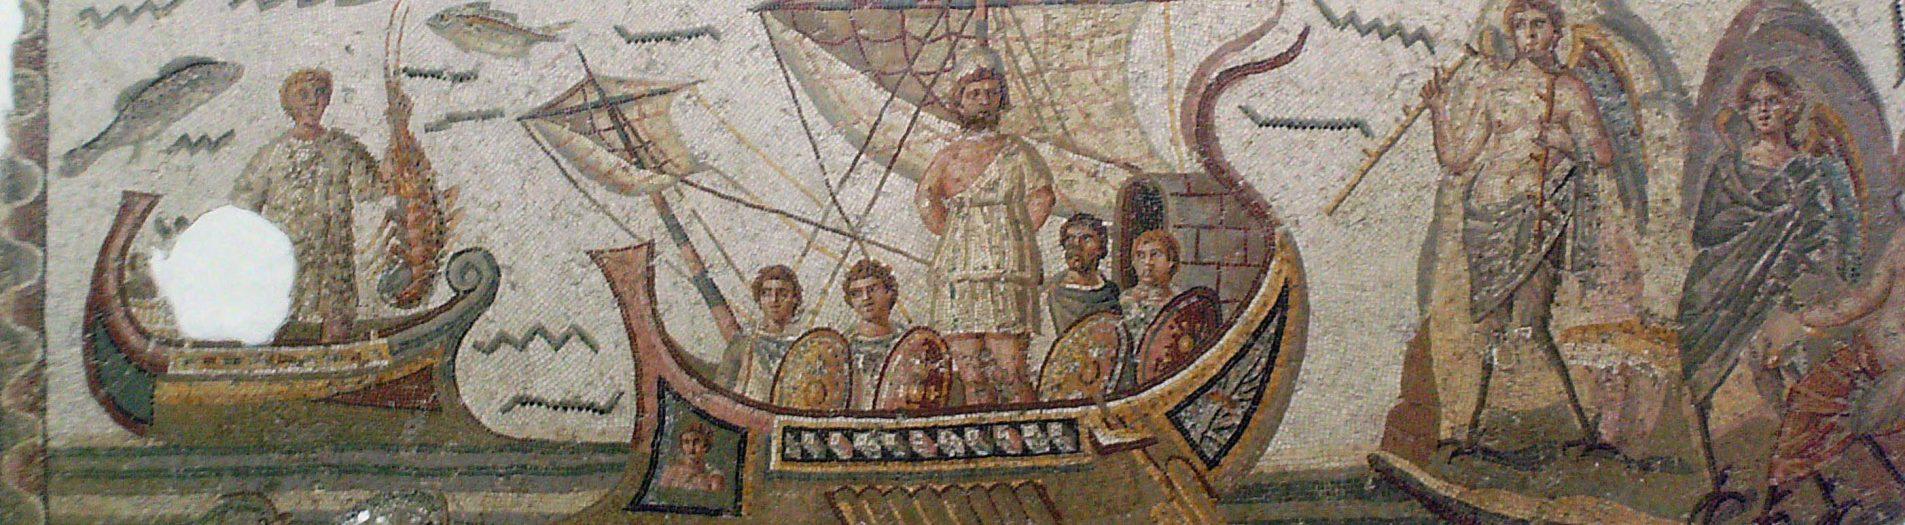 La mosaïque d'Ulysse de Dougga